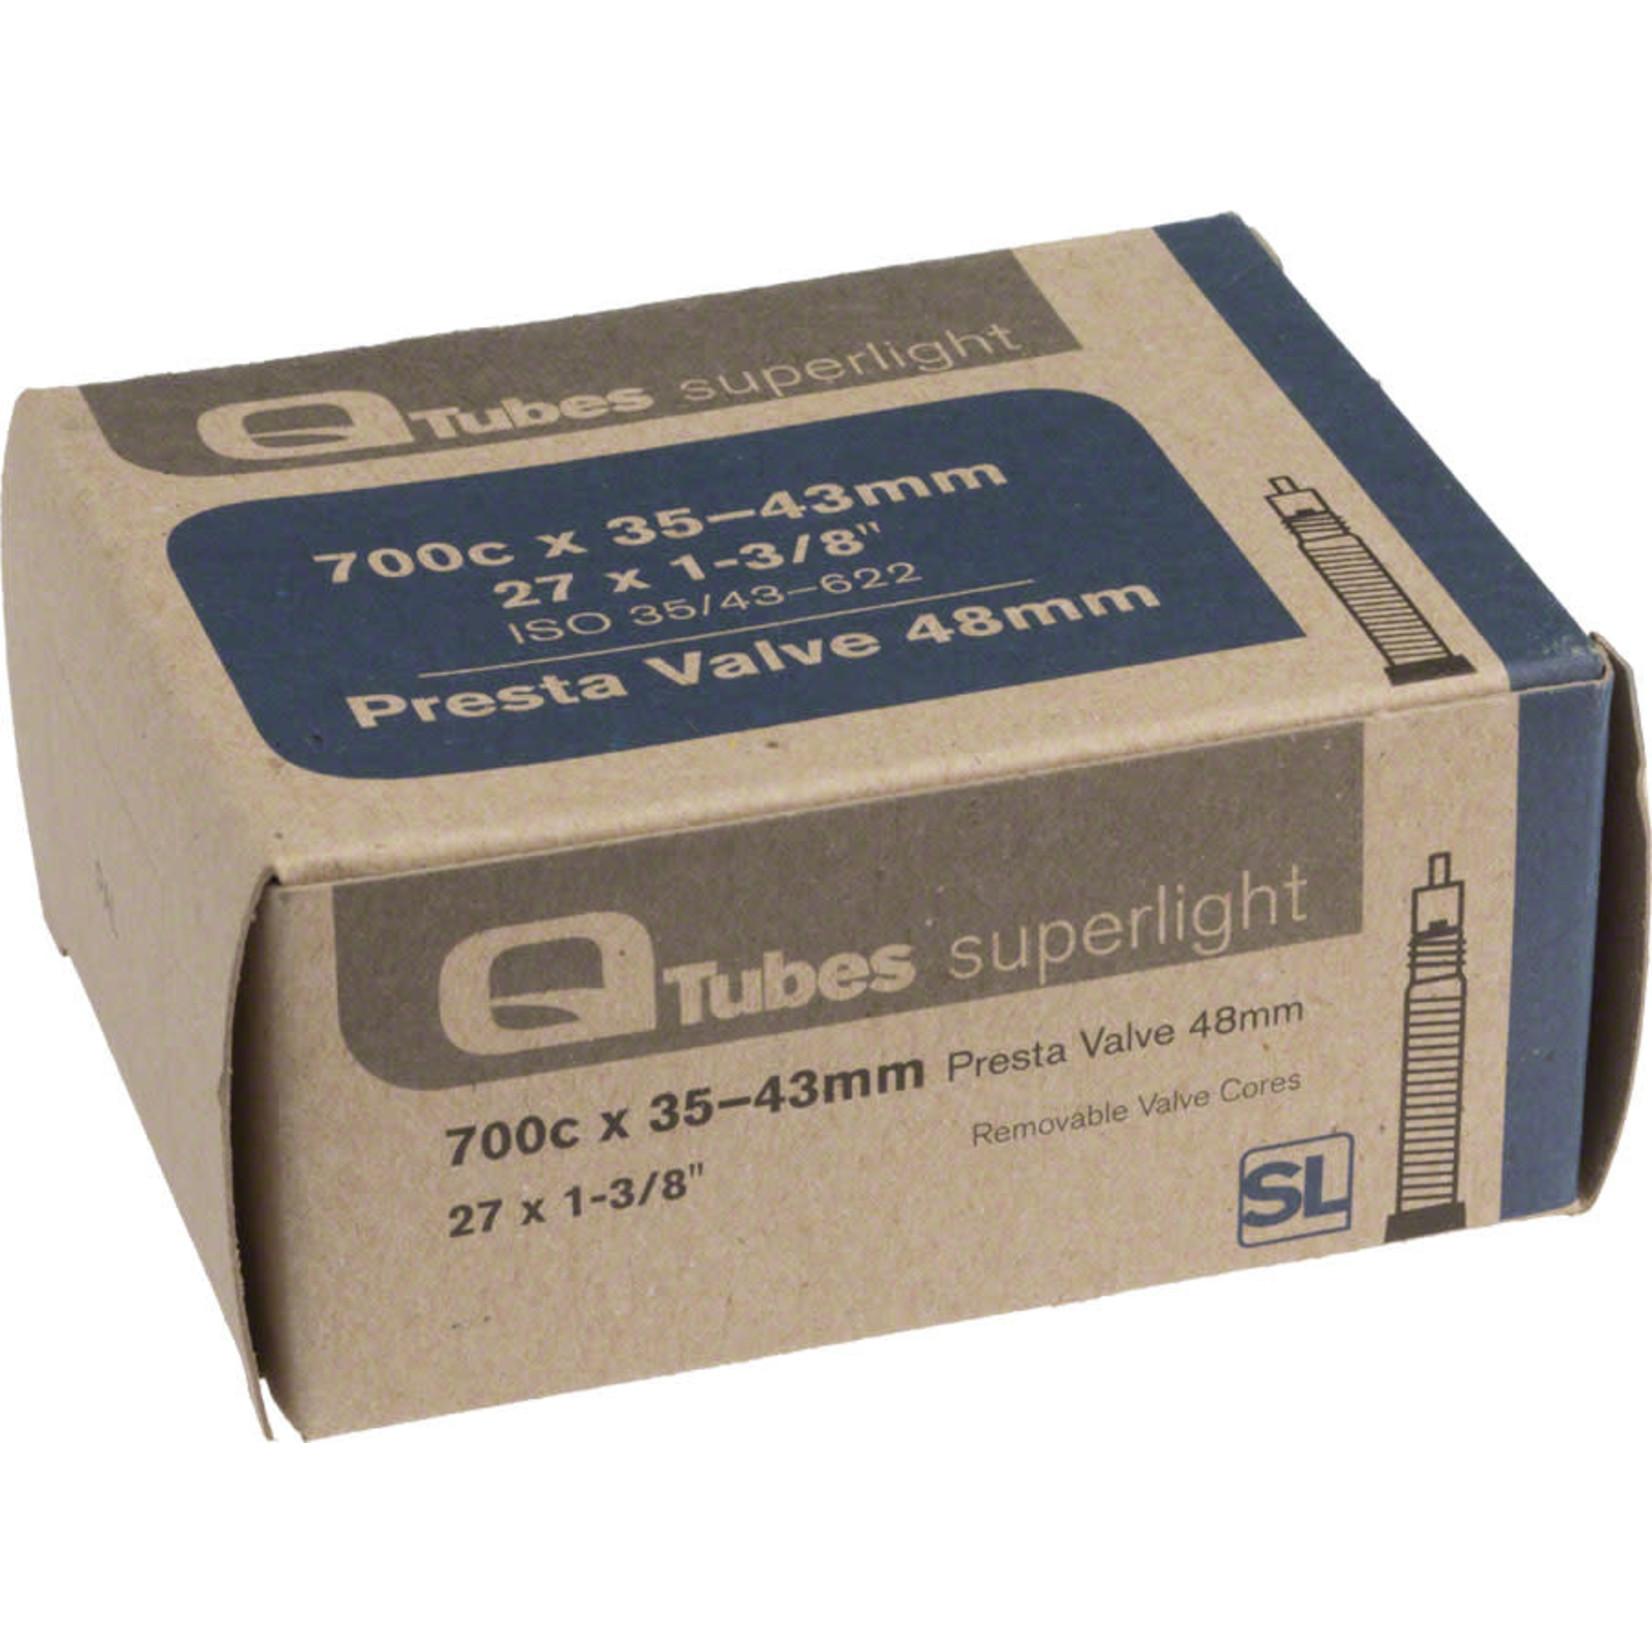 Q-Tubes Q-Tubes / Teravail Superlight 700c x 35-43mm 48mm Presta Valve Tube